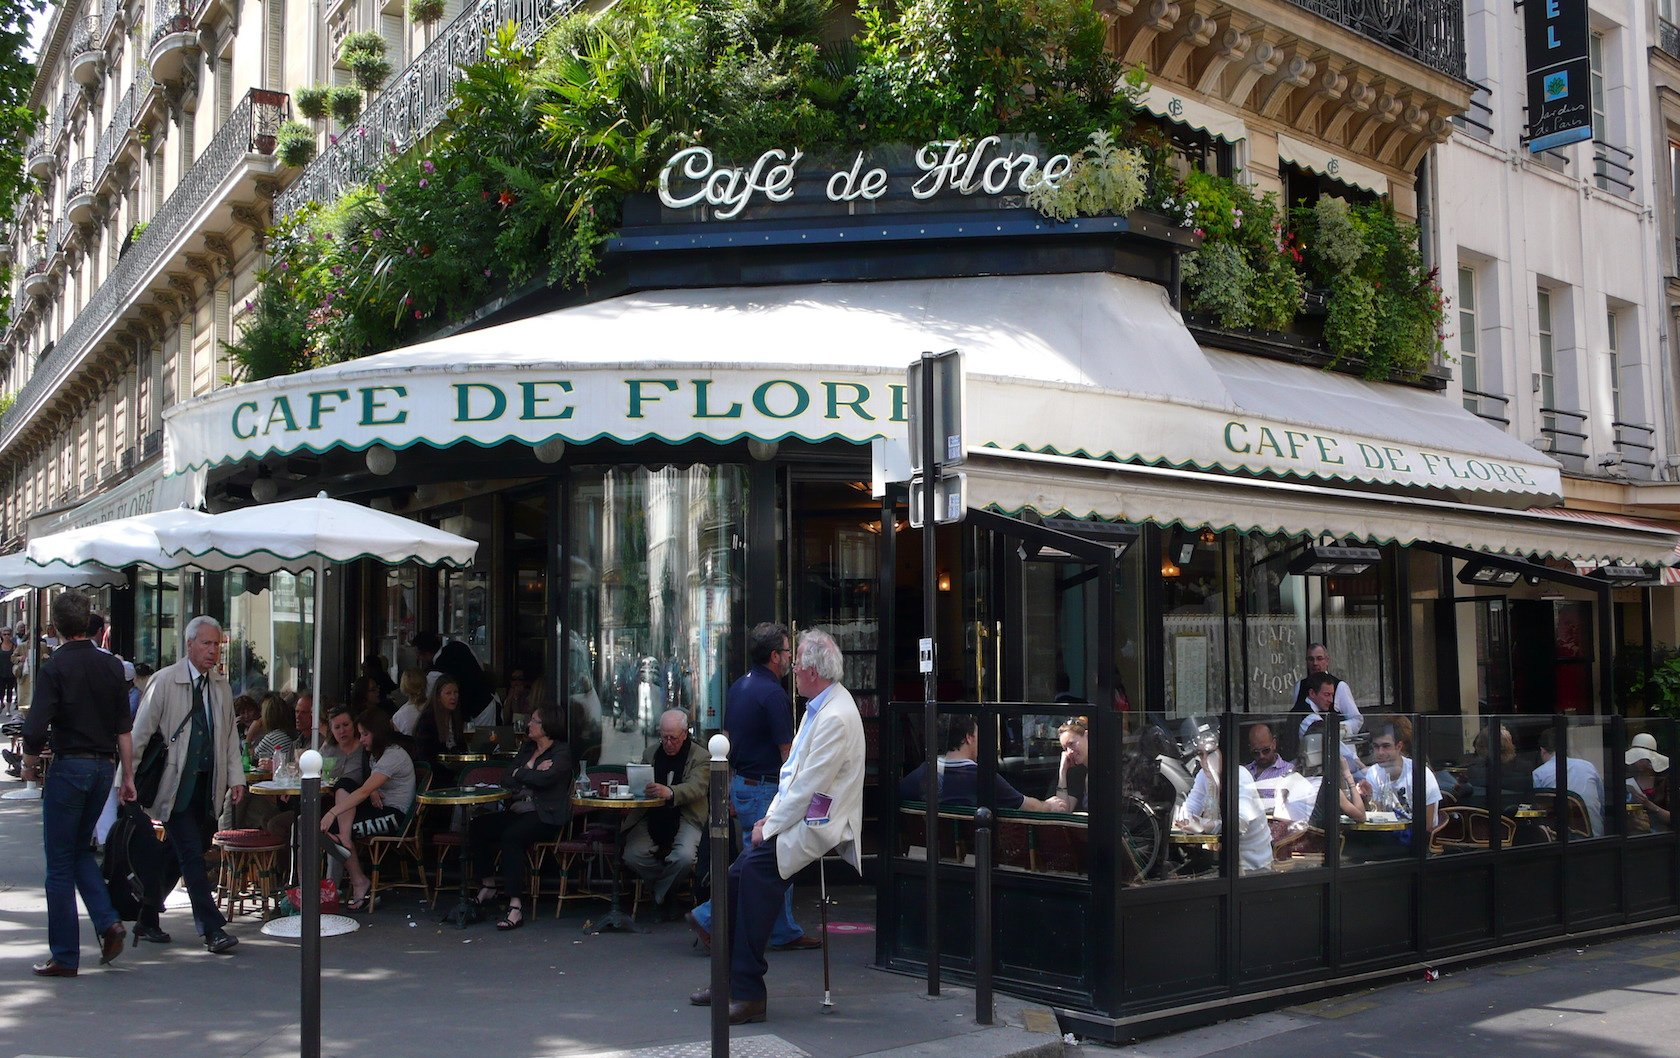 Pastries in Paris at Cafe de Flore